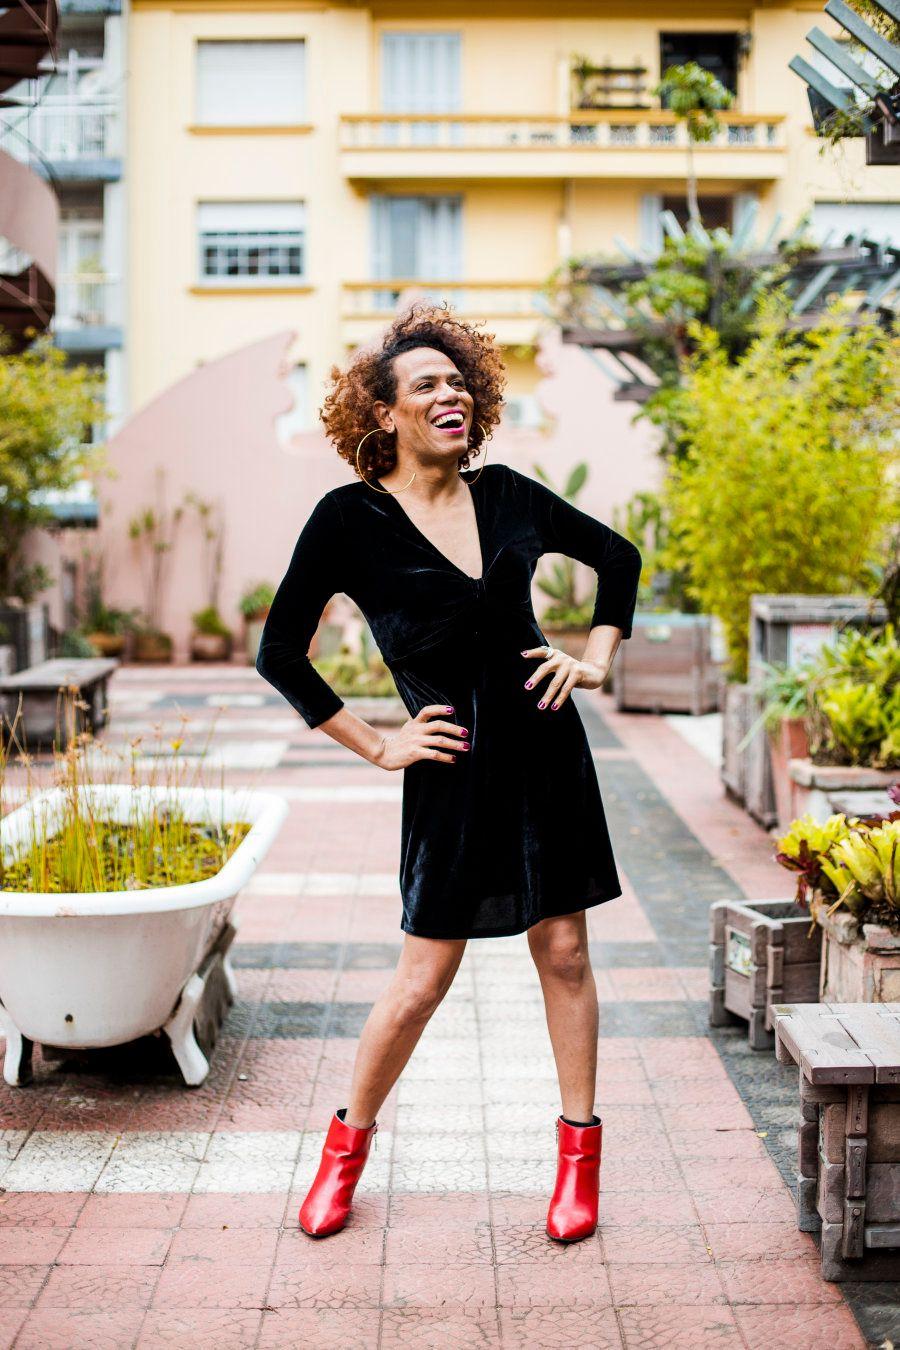 Valéria lança mão de suas redes sociais, seus shows, suas entrevistas: